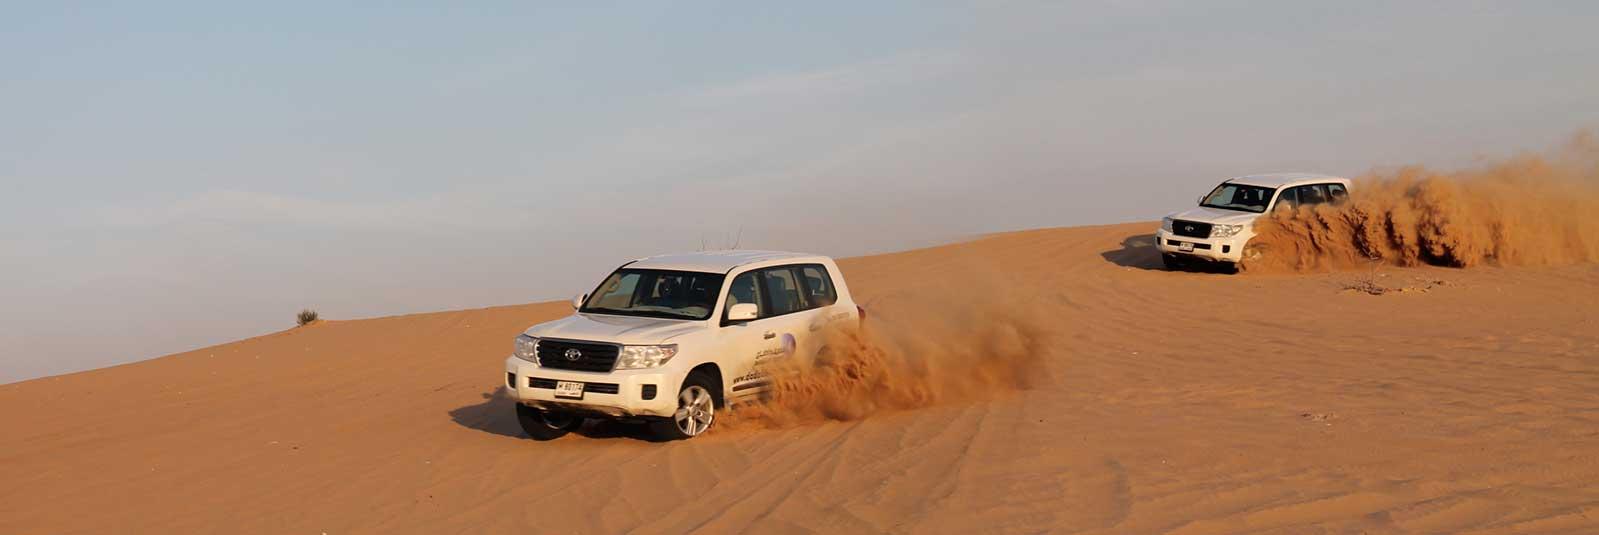 Dune-Drive-in-the-Desert.jpg